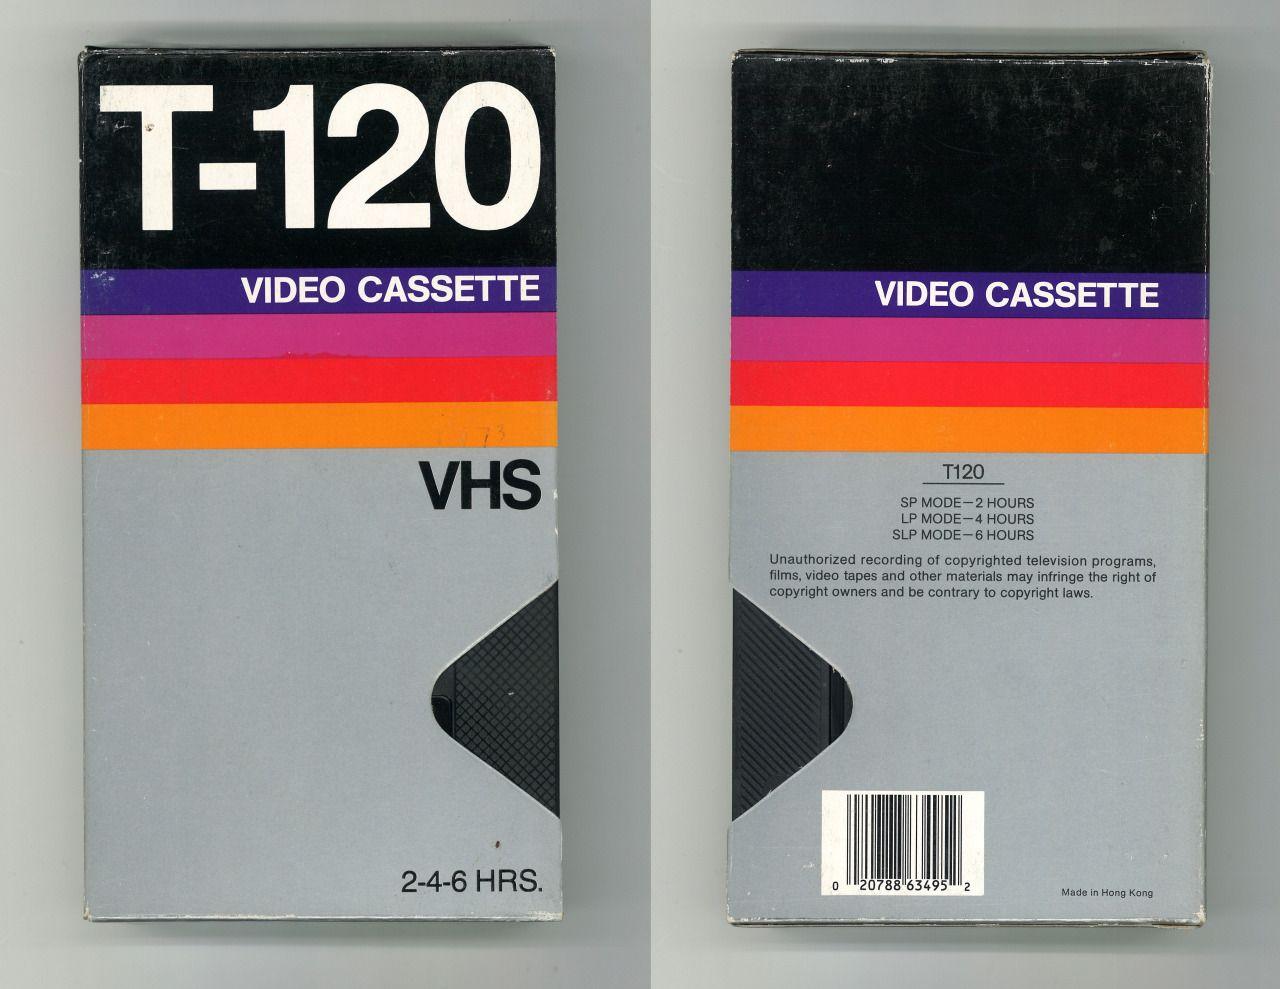 Vault Of Vhs Photo Packaging Design Trends Vintage Graphic Design Vhs Cassette